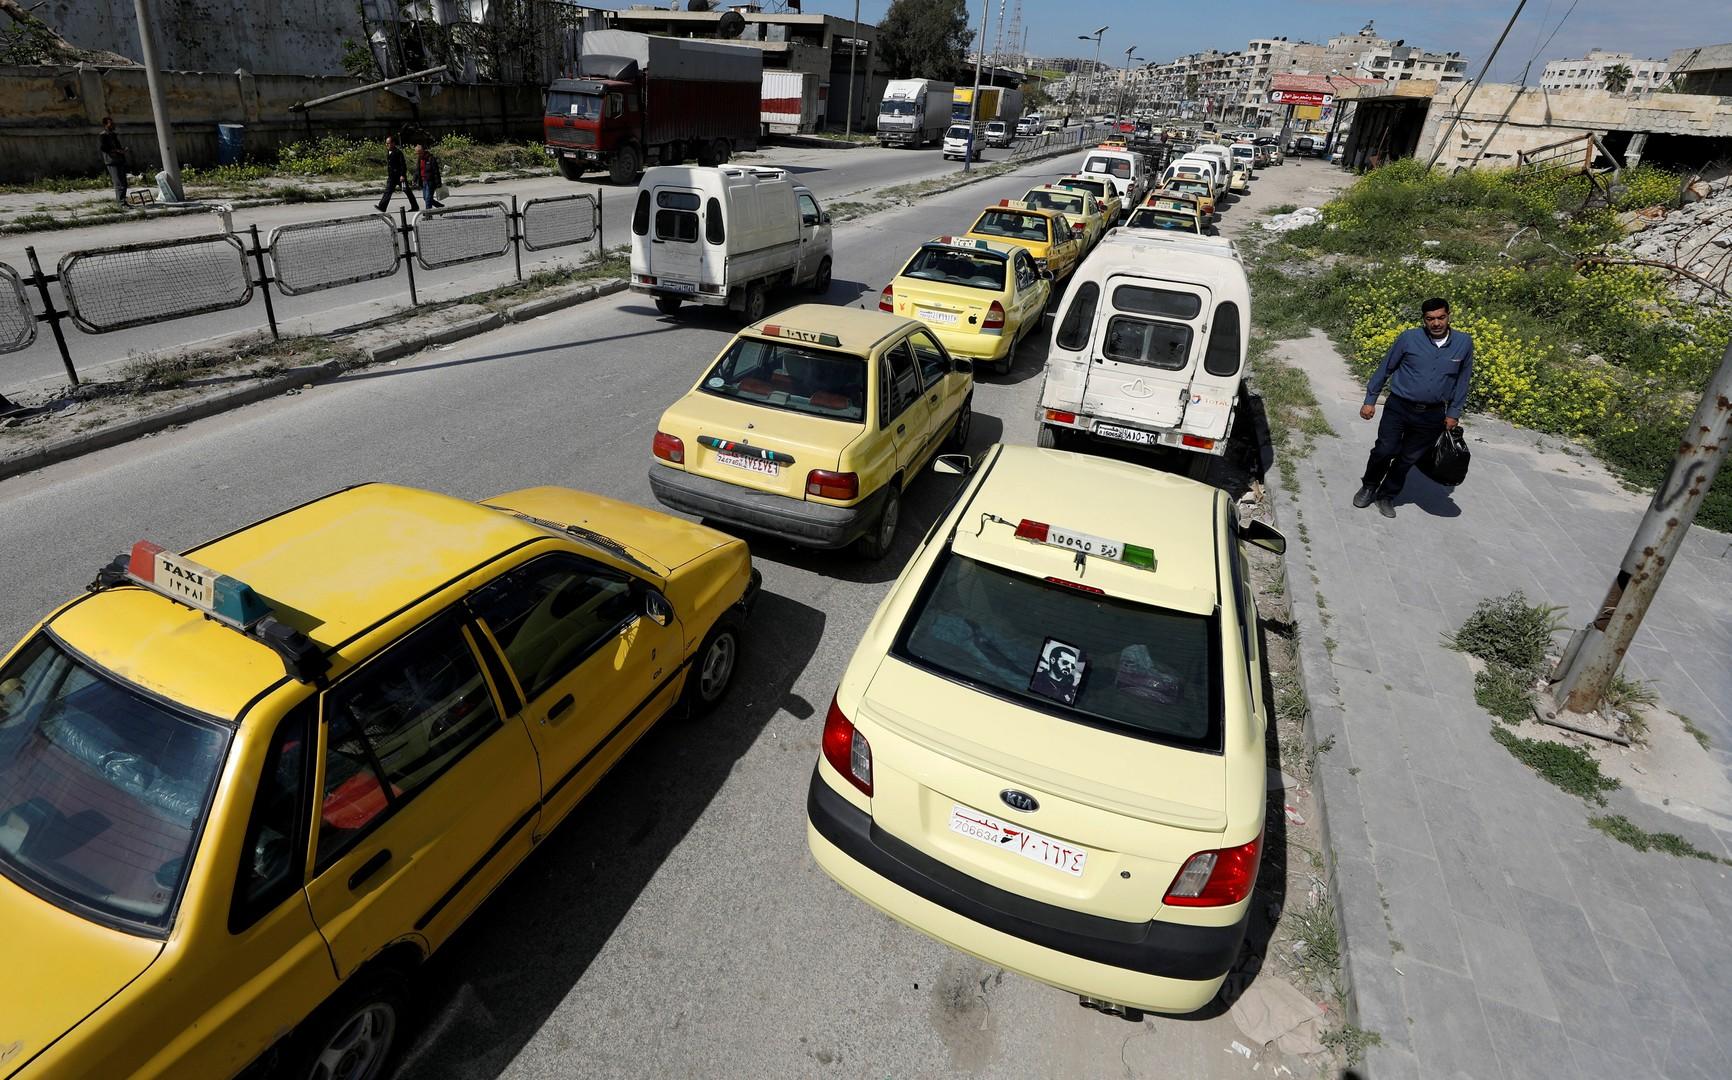 النظام يرفع تعرفة التأمين الإلزامي للسيارات والتعويضات